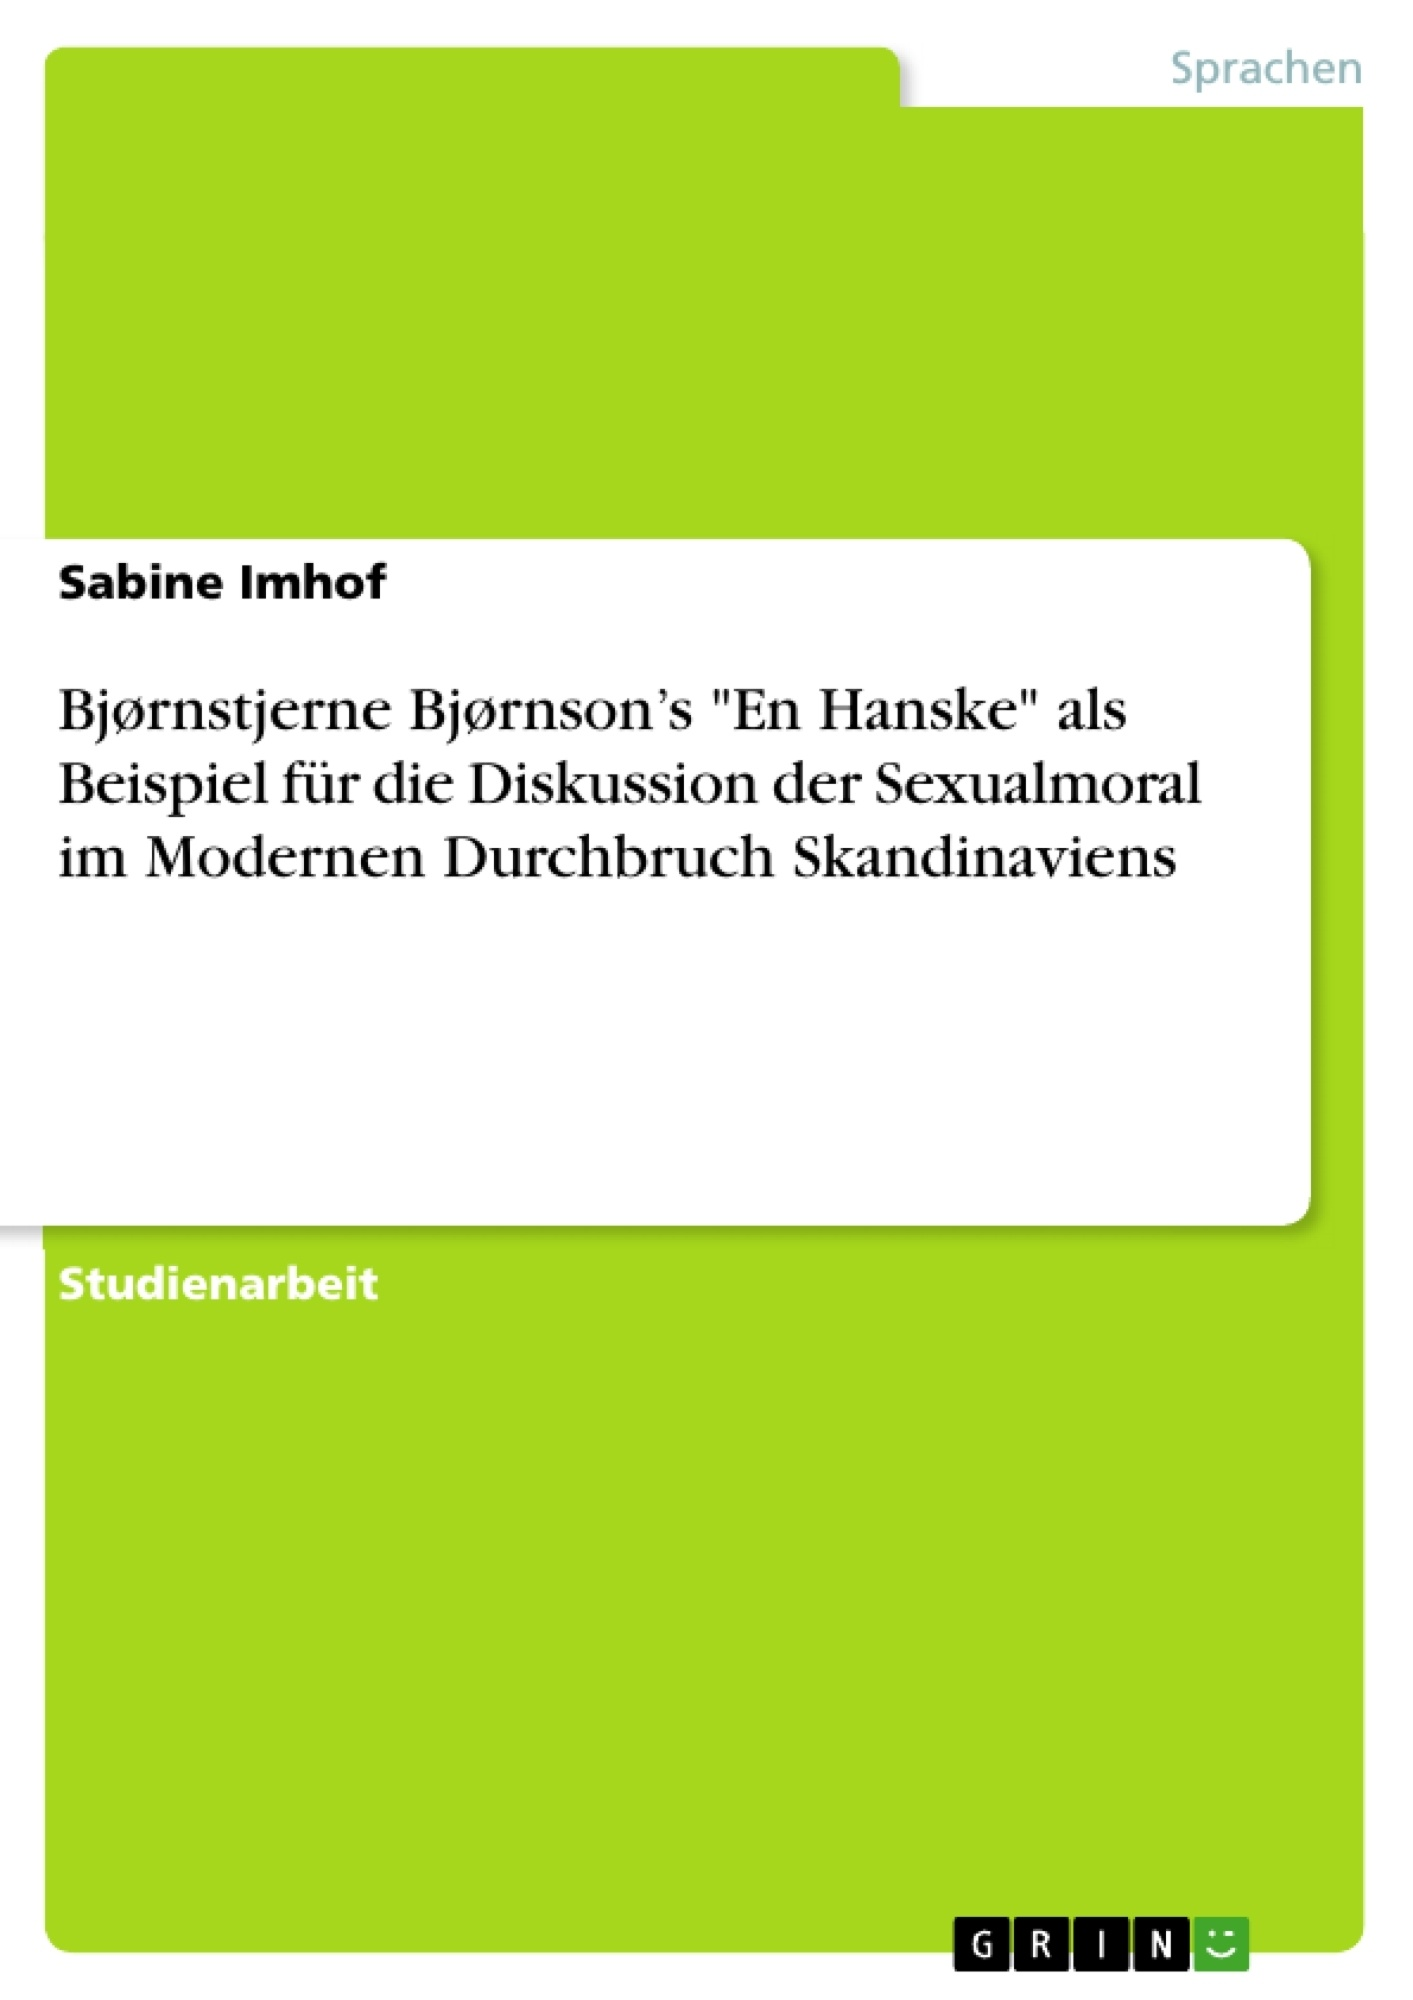 """Titel: Bjørnstjerne Bjørnson's """"En Hanske"""" als Beispiel für die Diskussion der Sexualmoral im Modernen Durchbruch Skandinaviens"""